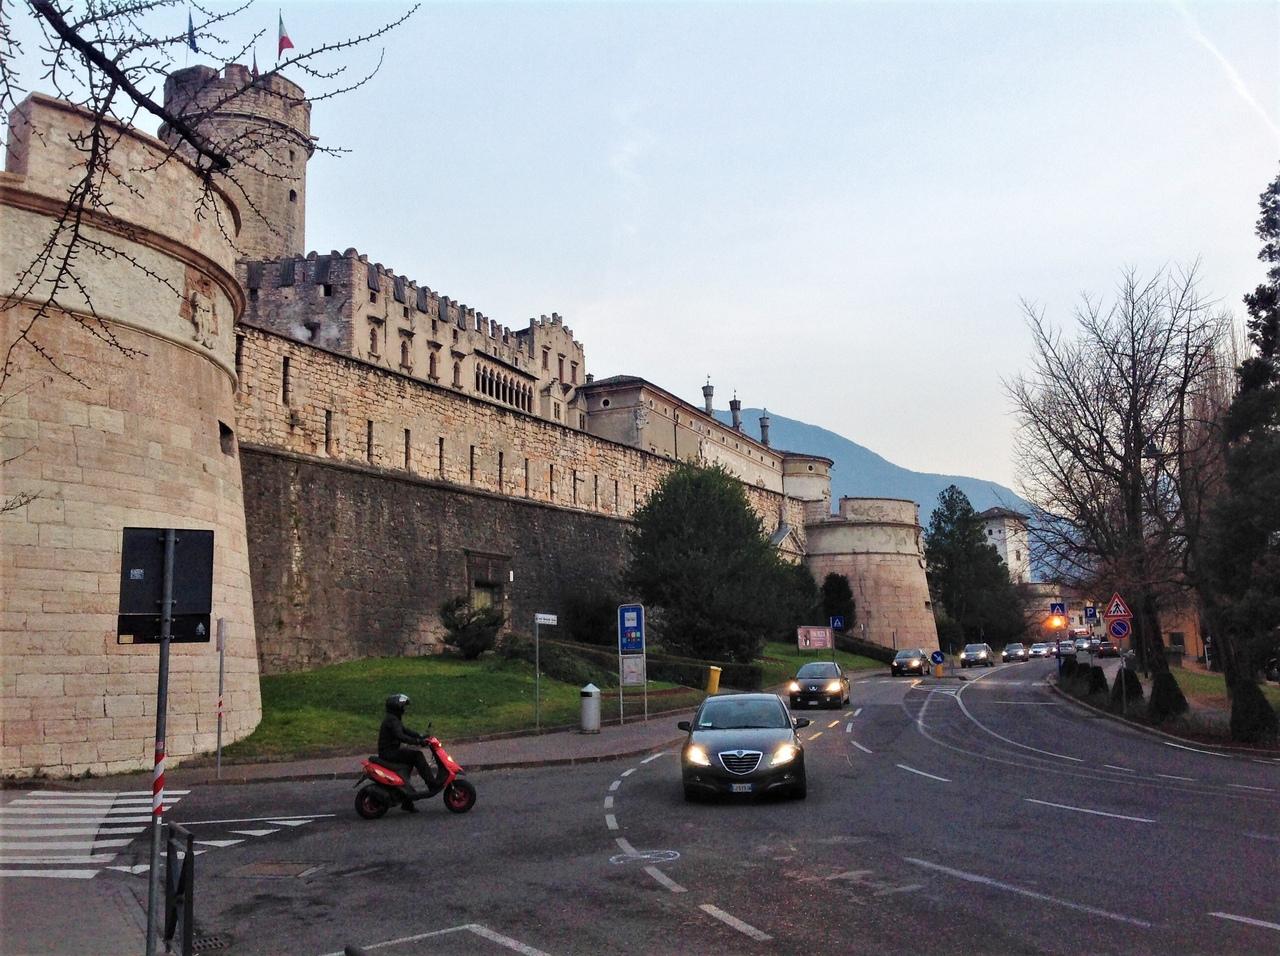 Замок Буонконсильо в Тренто и его Орлиная башня